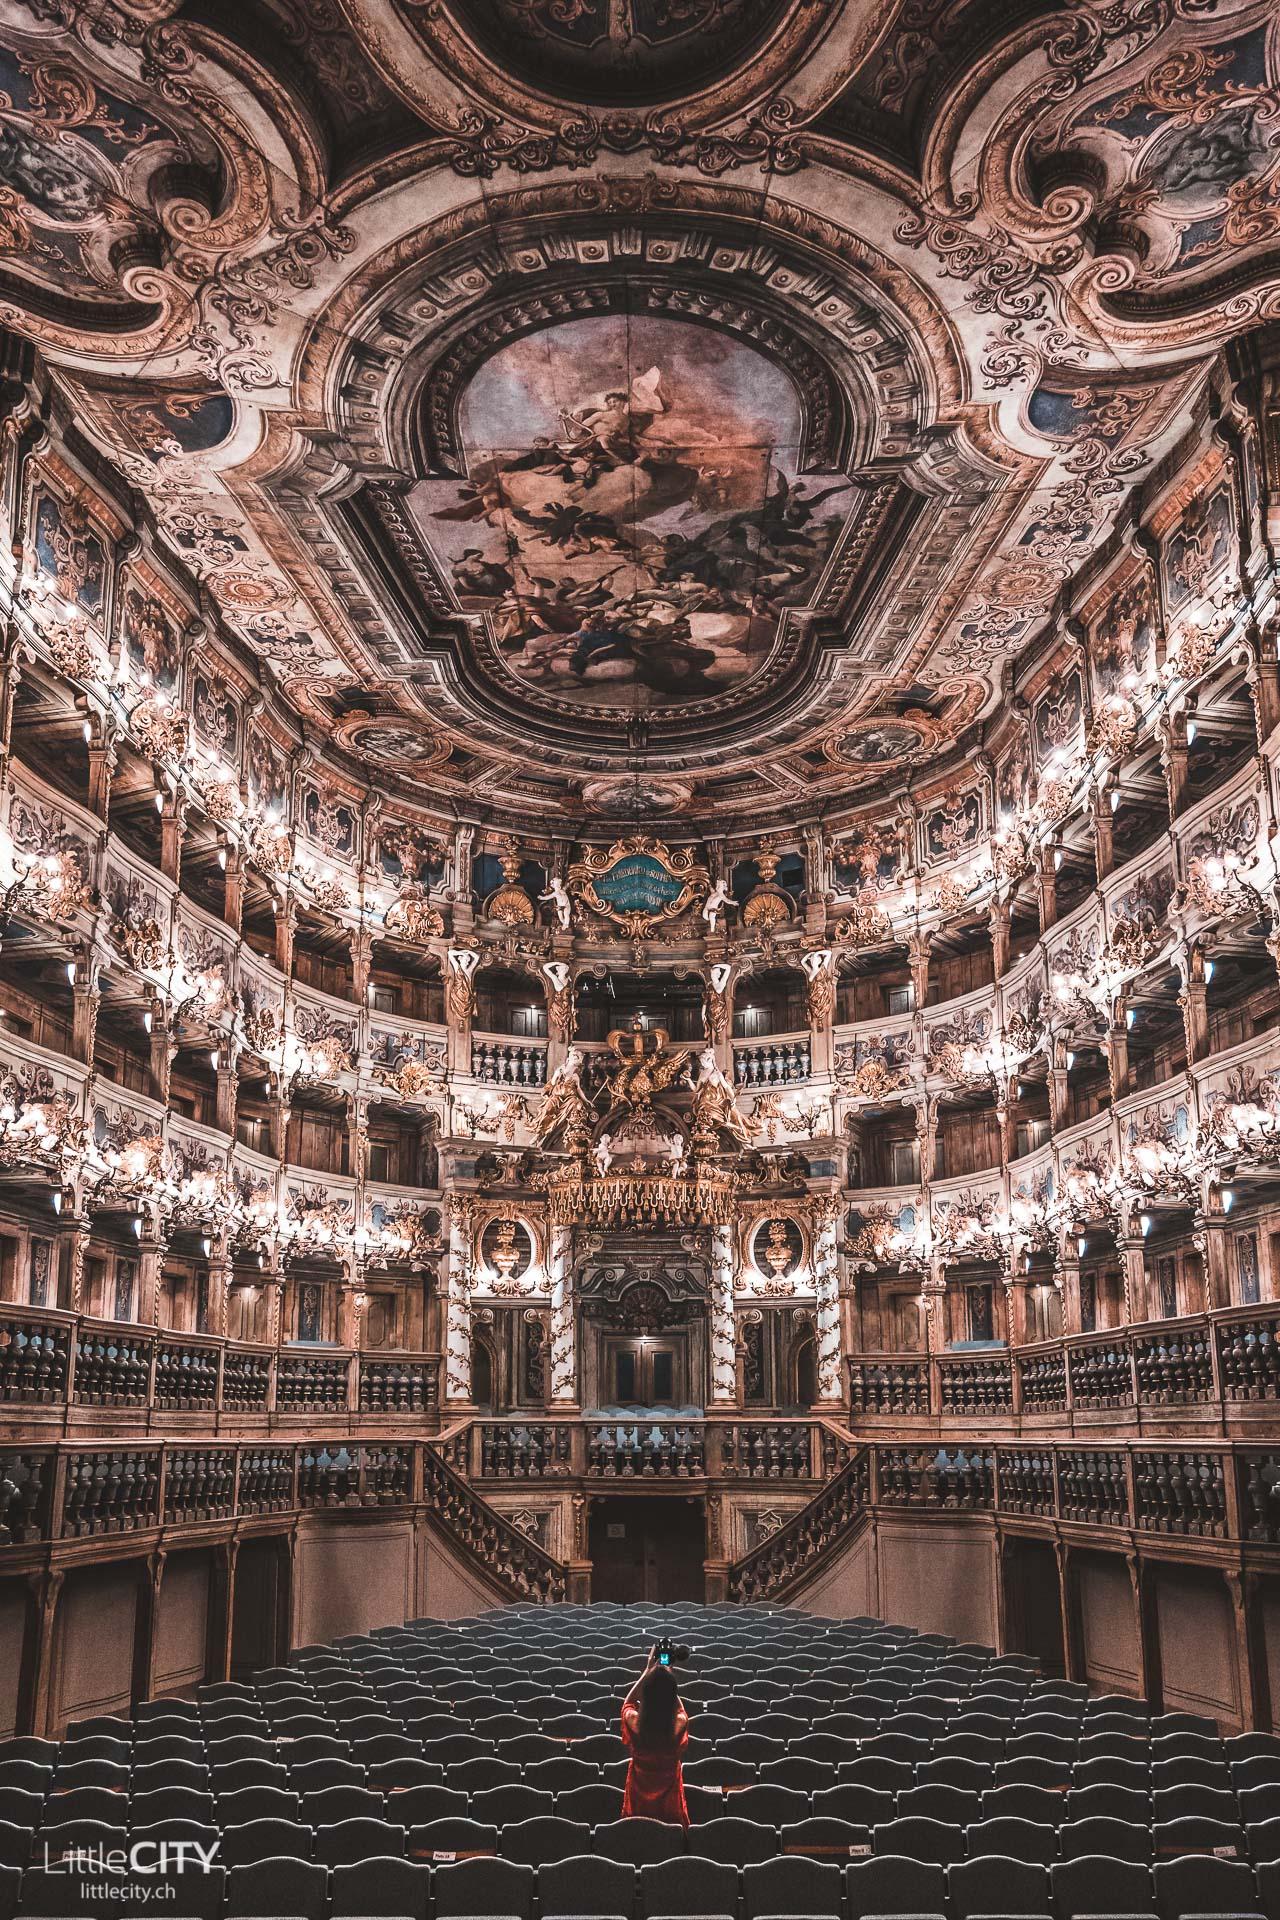 Marktgräfliches Opernhaus Bayreuth Sehenswürdigkeiten